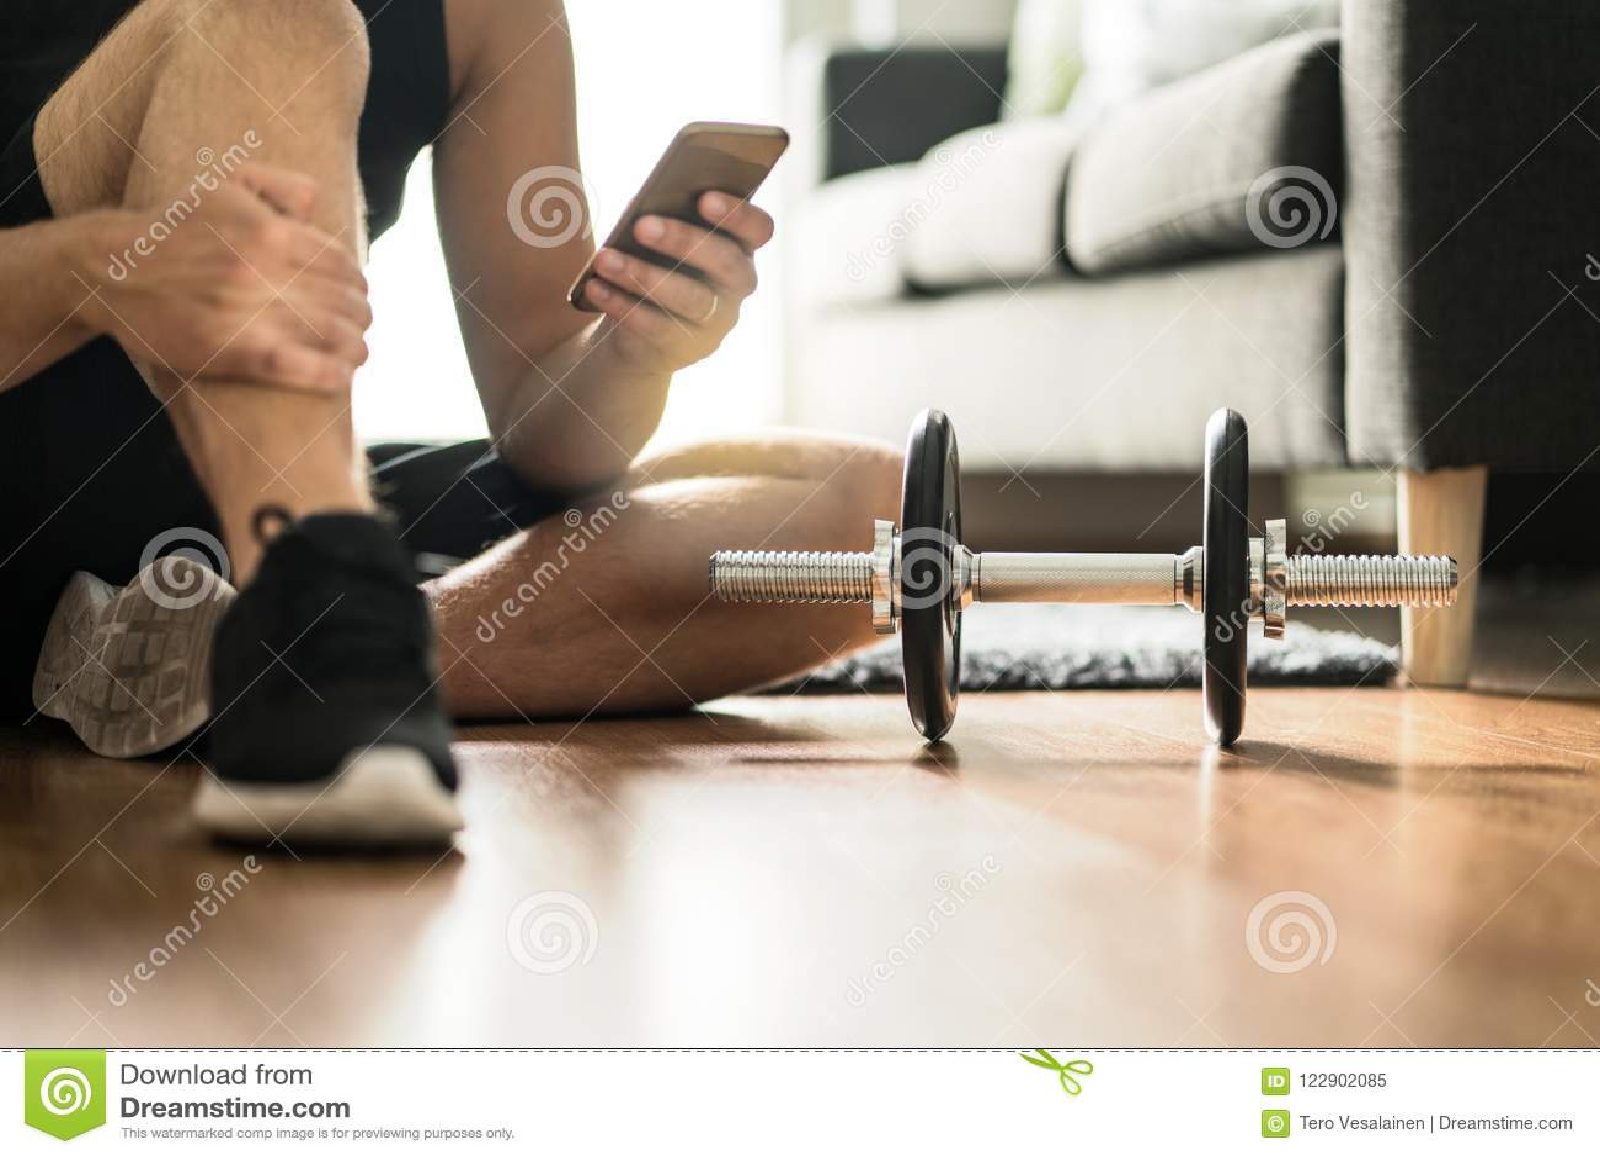 Homem que usa o smartphone durante o exercício em casa